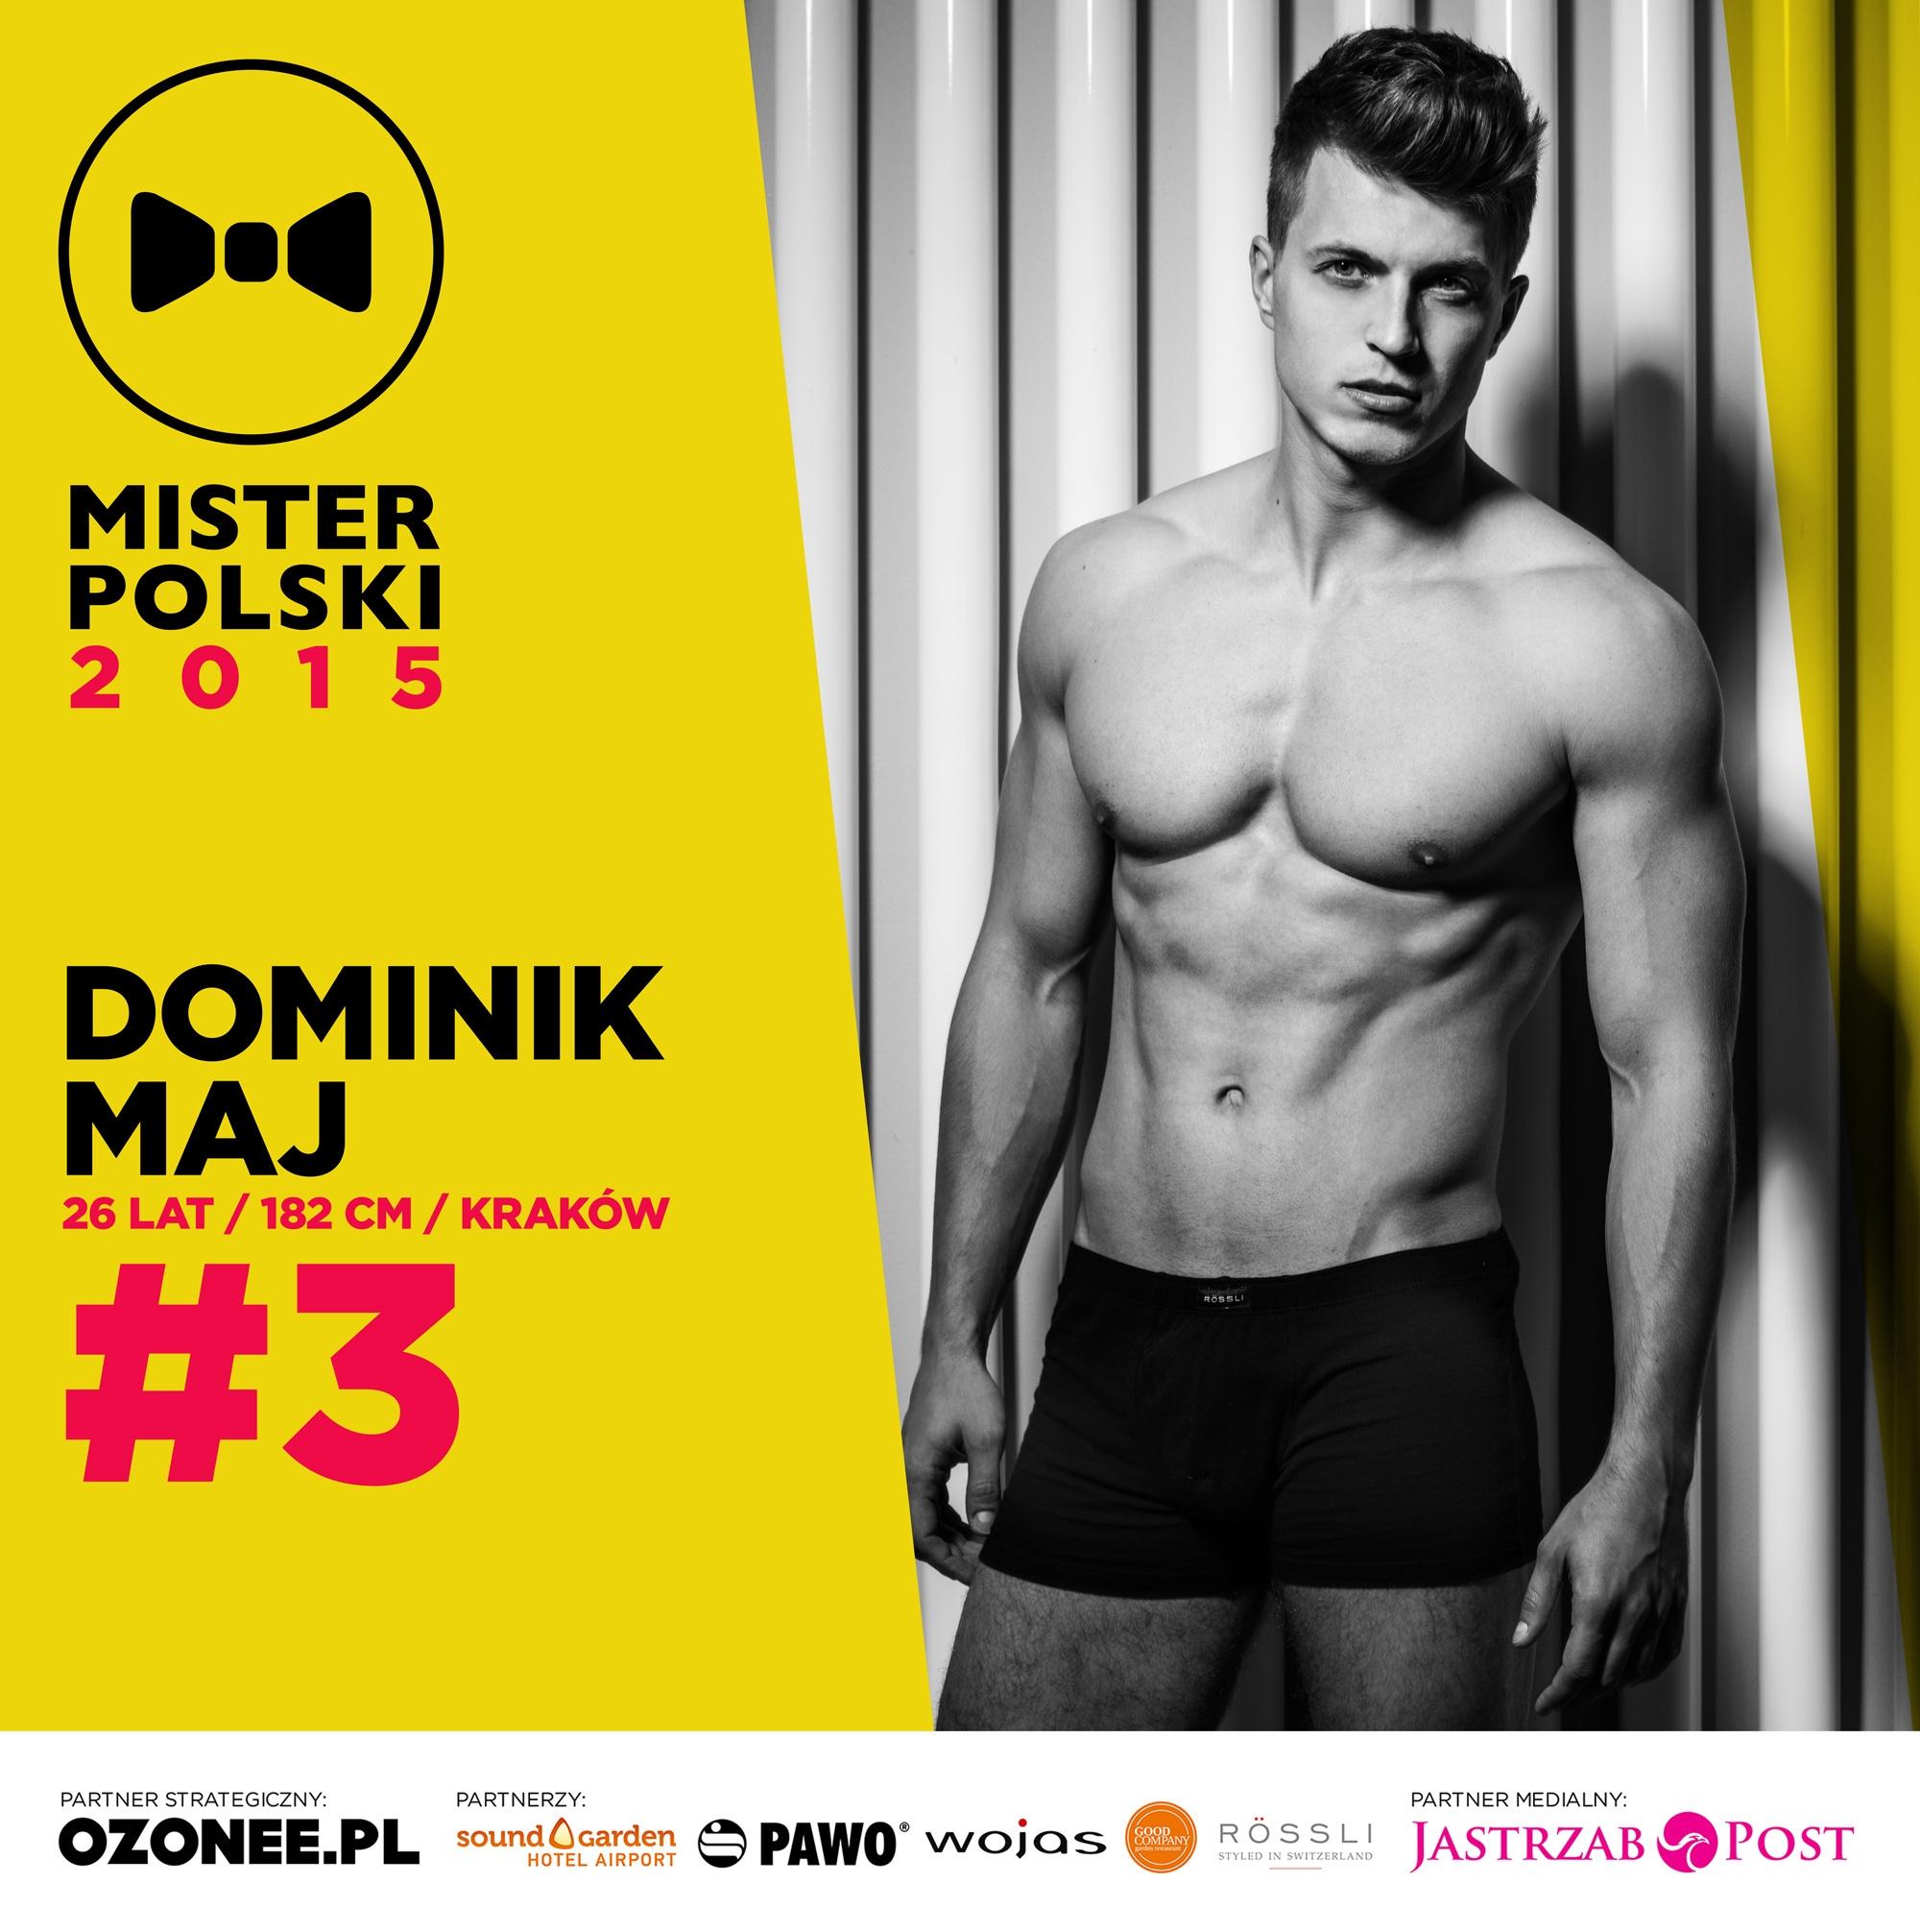 Dominik Maj - nr 3 - Mister Polski 2015